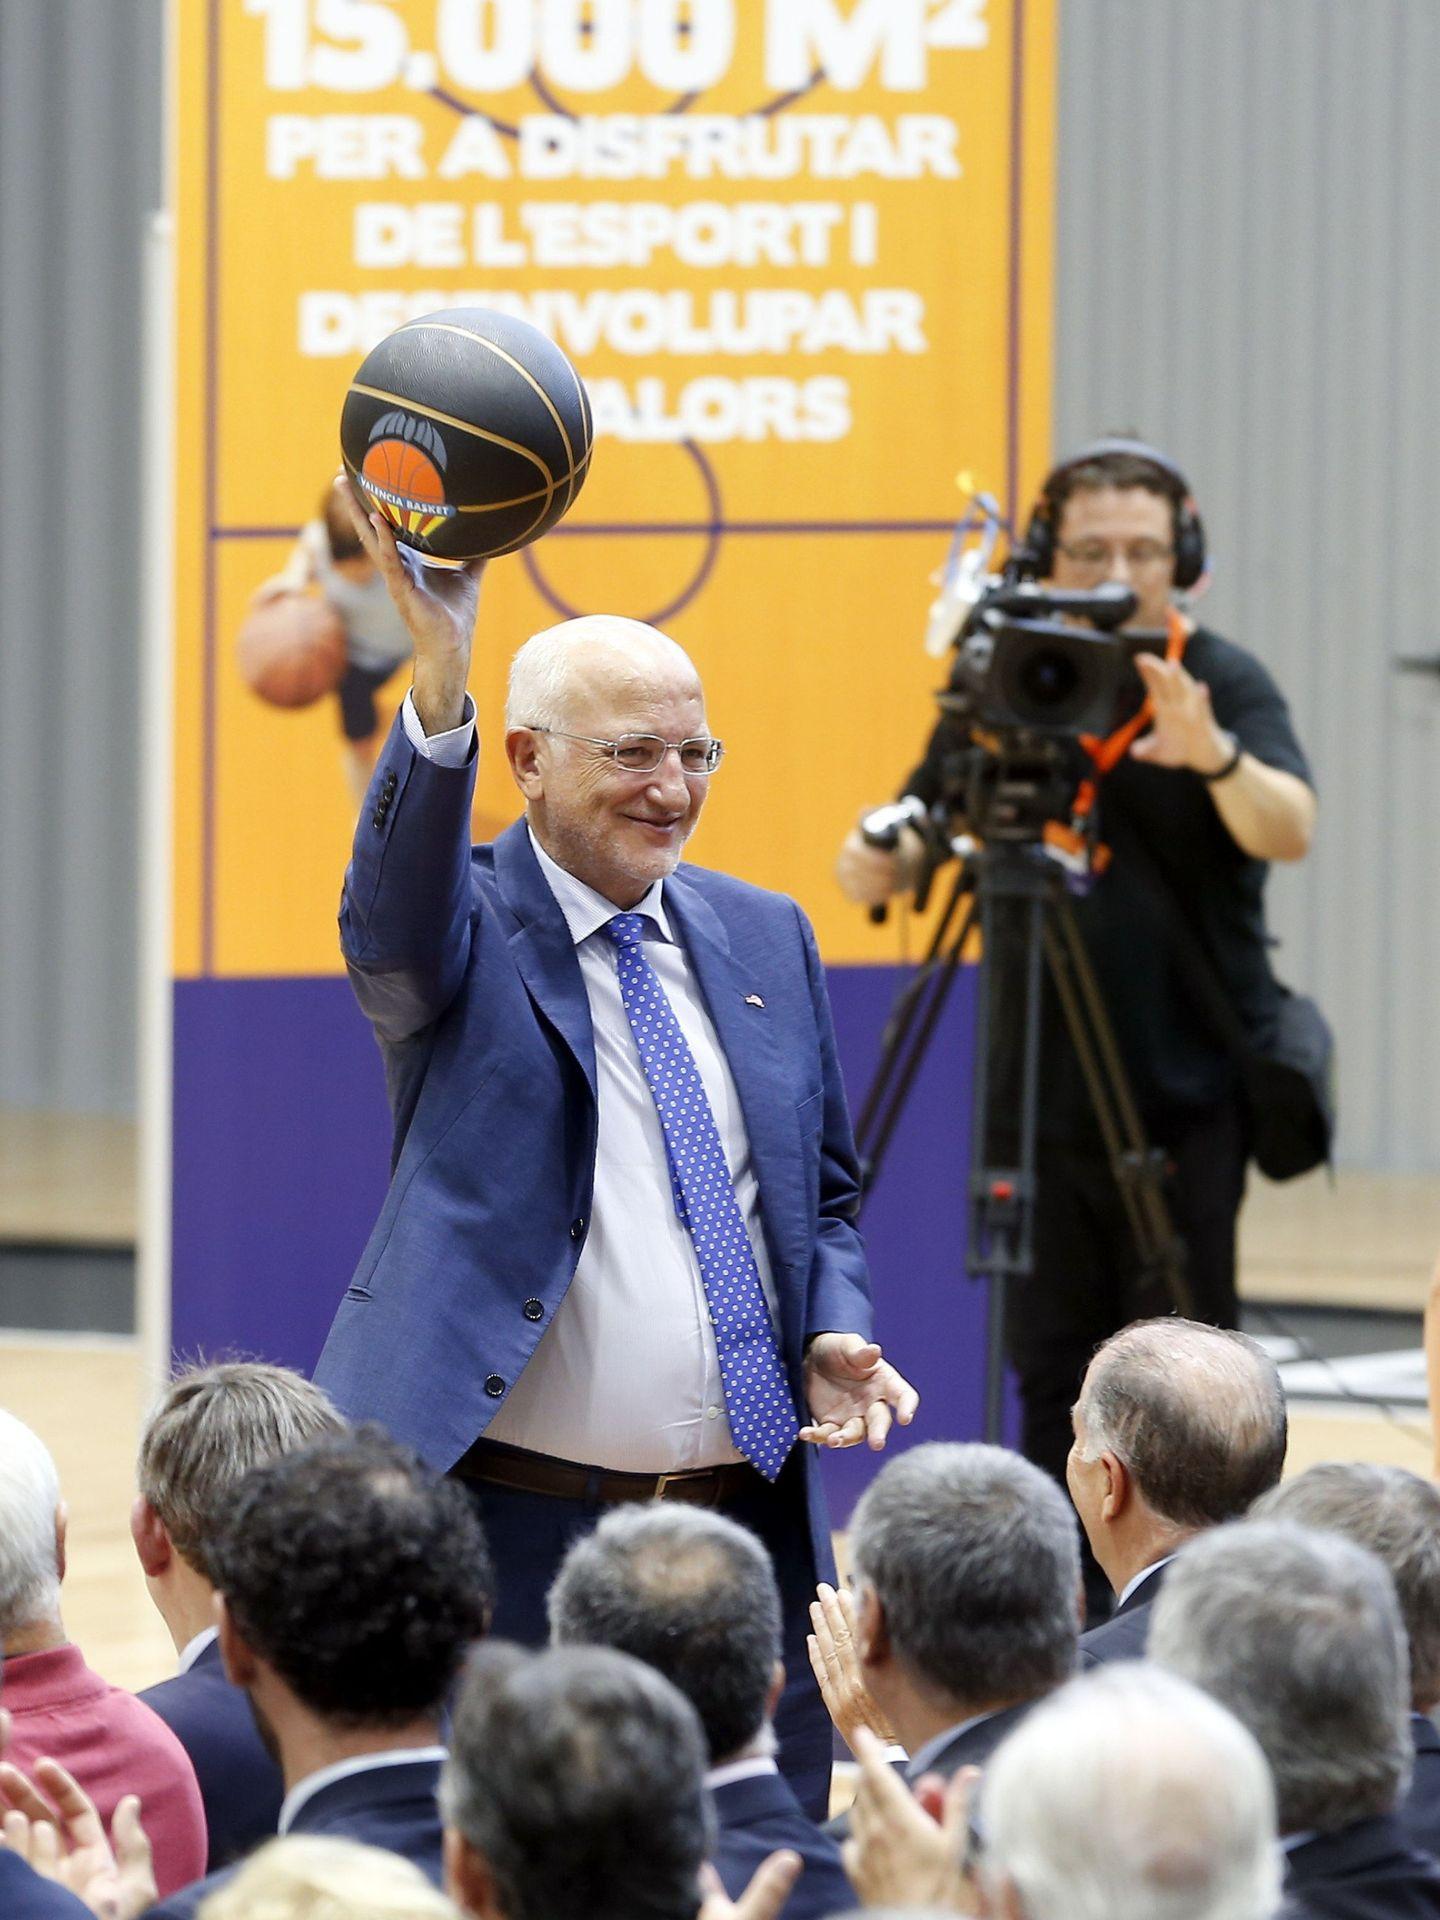 Juan Roig, saluda con un balón a los asitentes a la inauguración de L'Alqueria del Basket. (EFE)